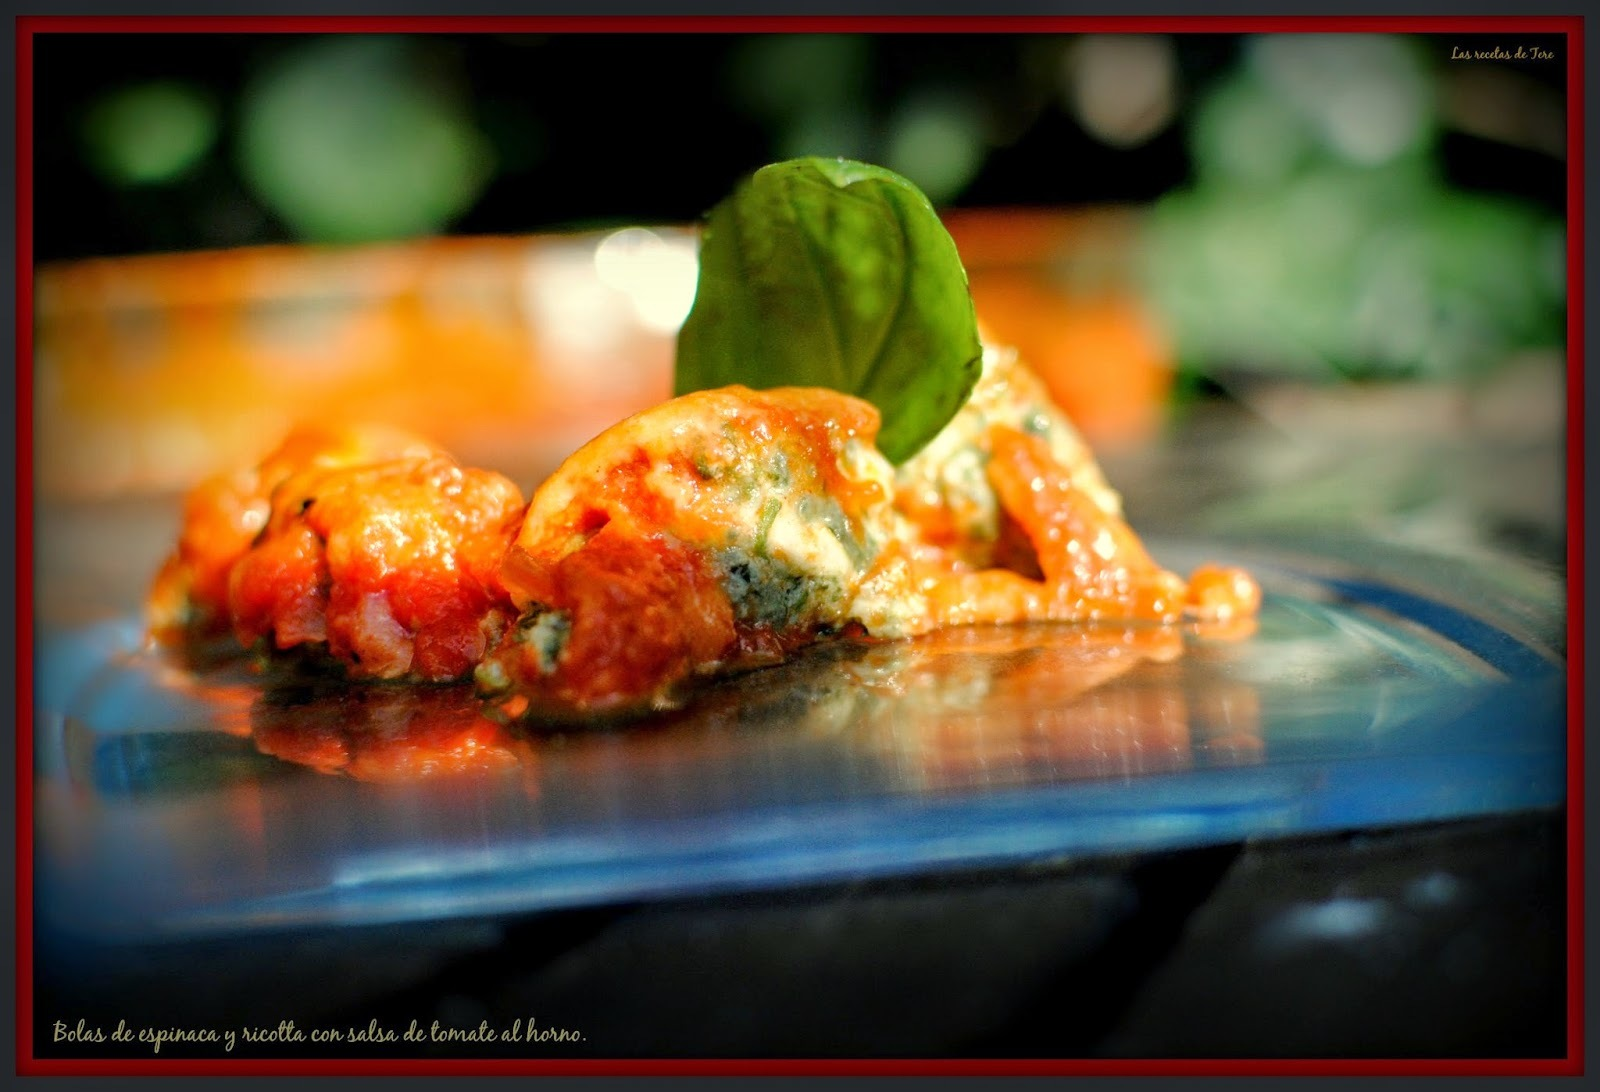 Bolas de espinaca y ricotta con salsa de tomate al horno.